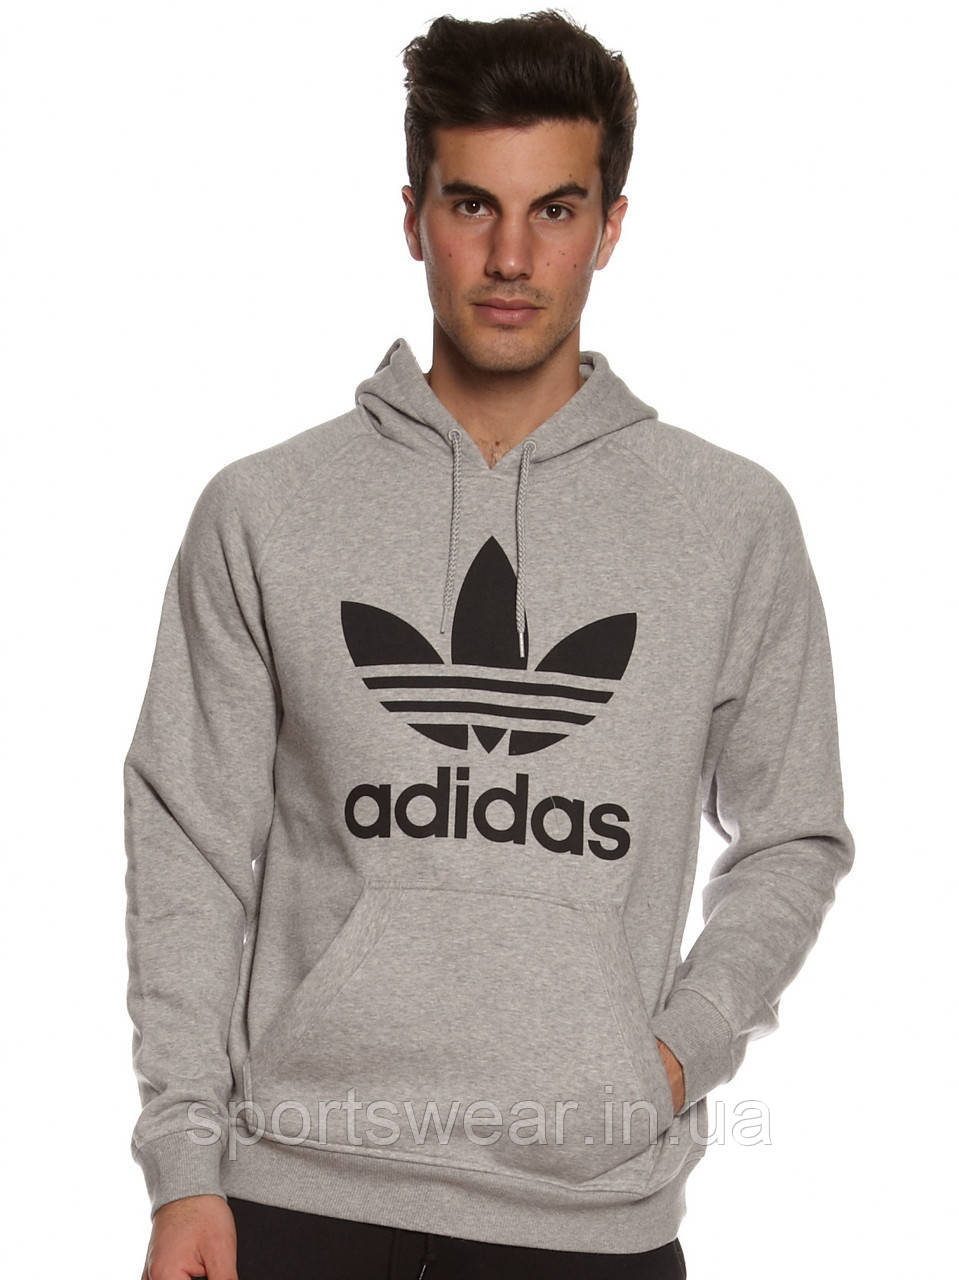 Худи Adidas Old School серое с черным логотипом, унисекс